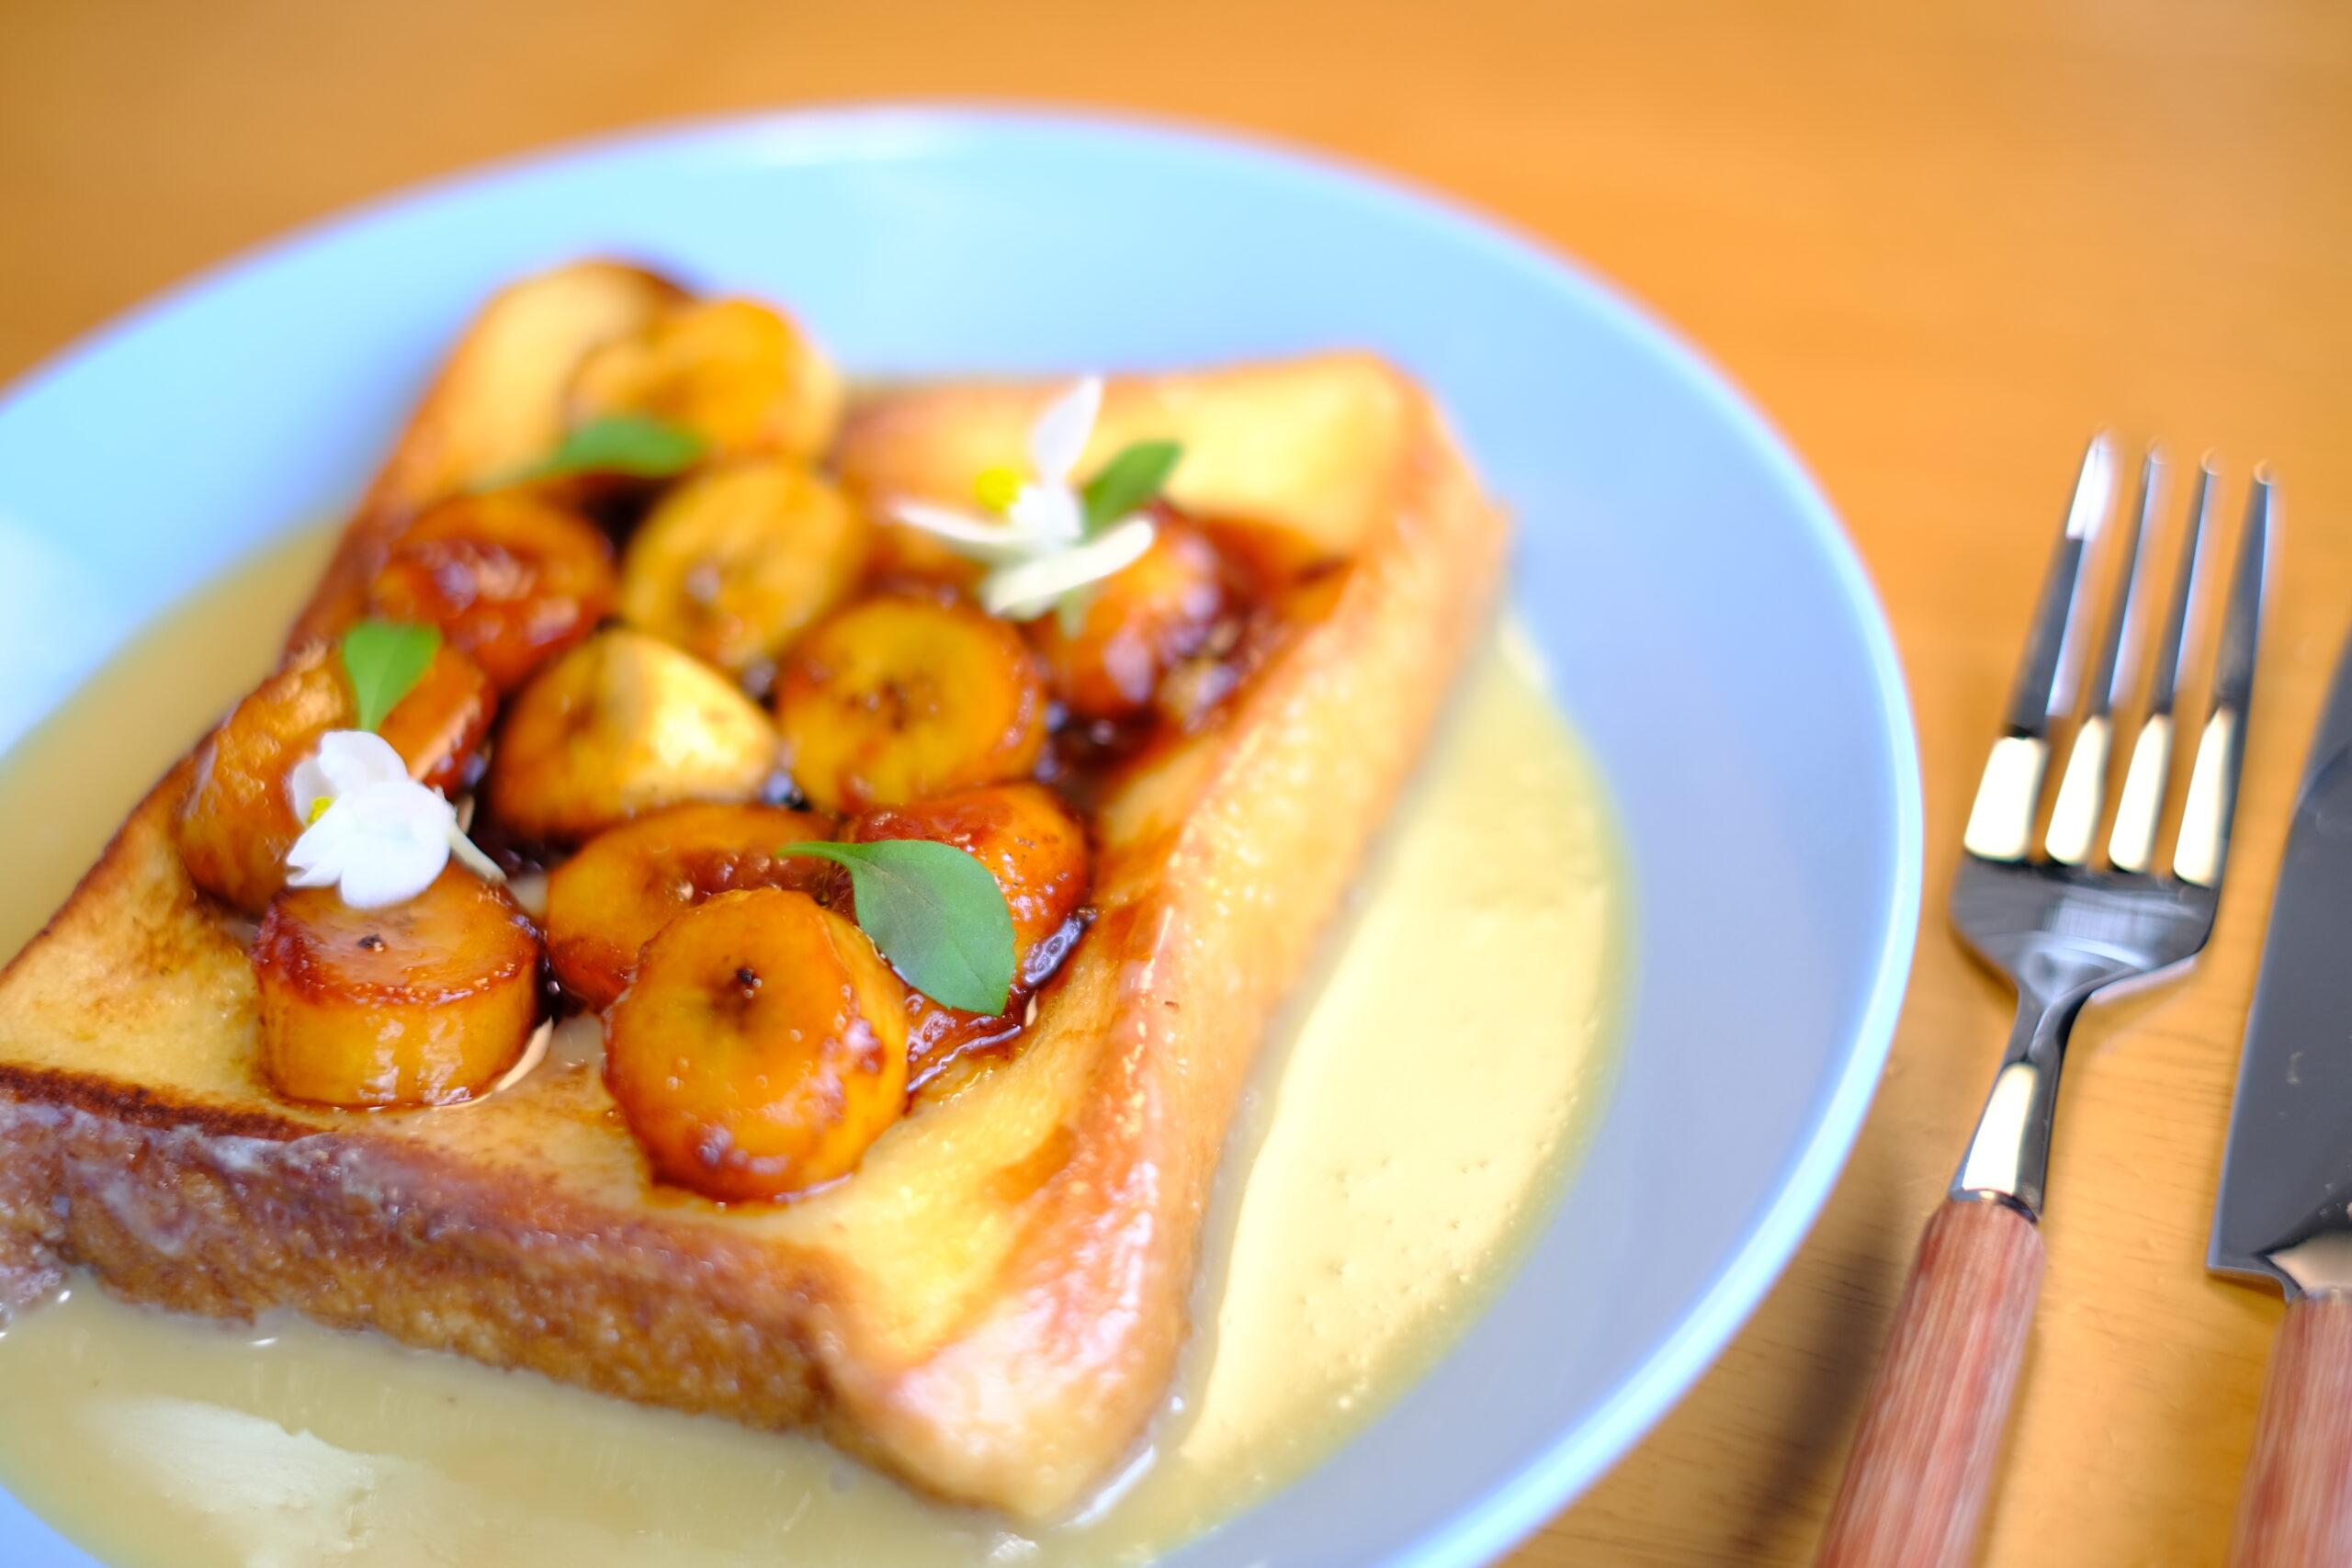 【ラム酒キャラメルバナナ】簡単フレンチトースト盛り付け完成画像です